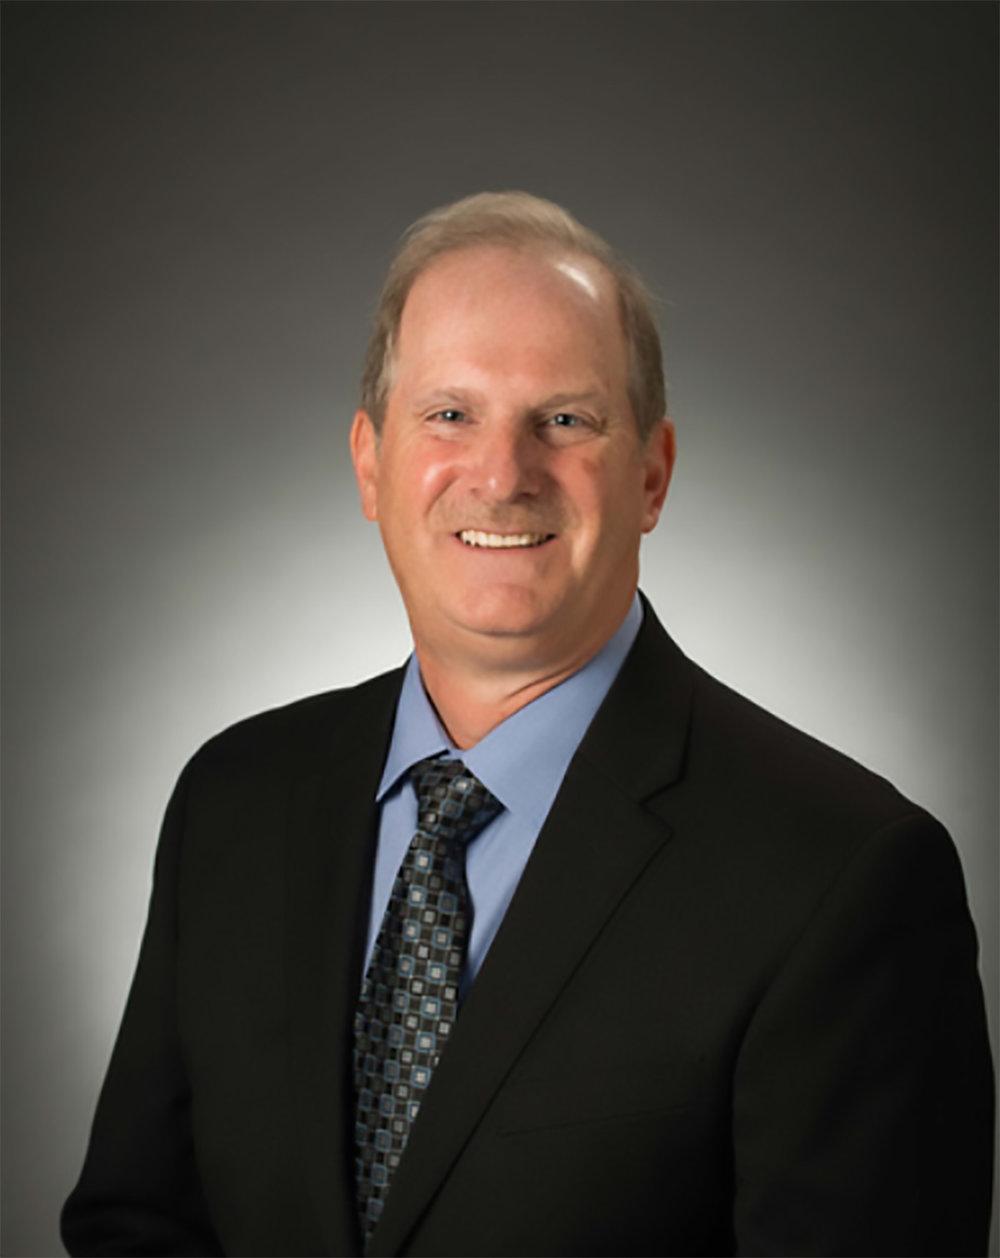 Randy Lainhart, Director of Business Development